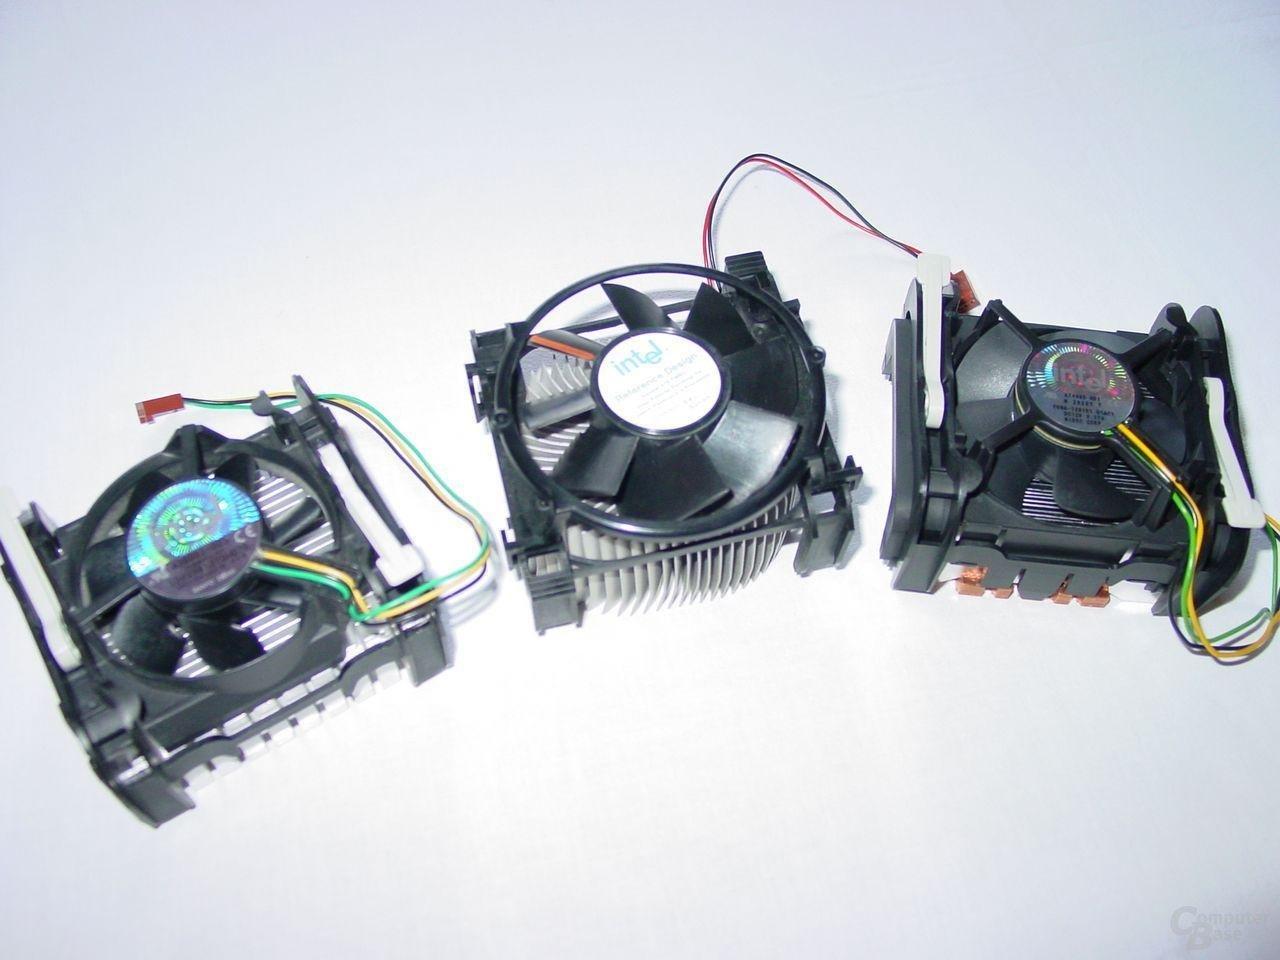 v.l.n.r: Alter Pentium 4 Boxed Kühler - Pentium 4 Referenzkühler - Pentium 4 Boxed Kühler ab 3,0 GHz (Modell A)